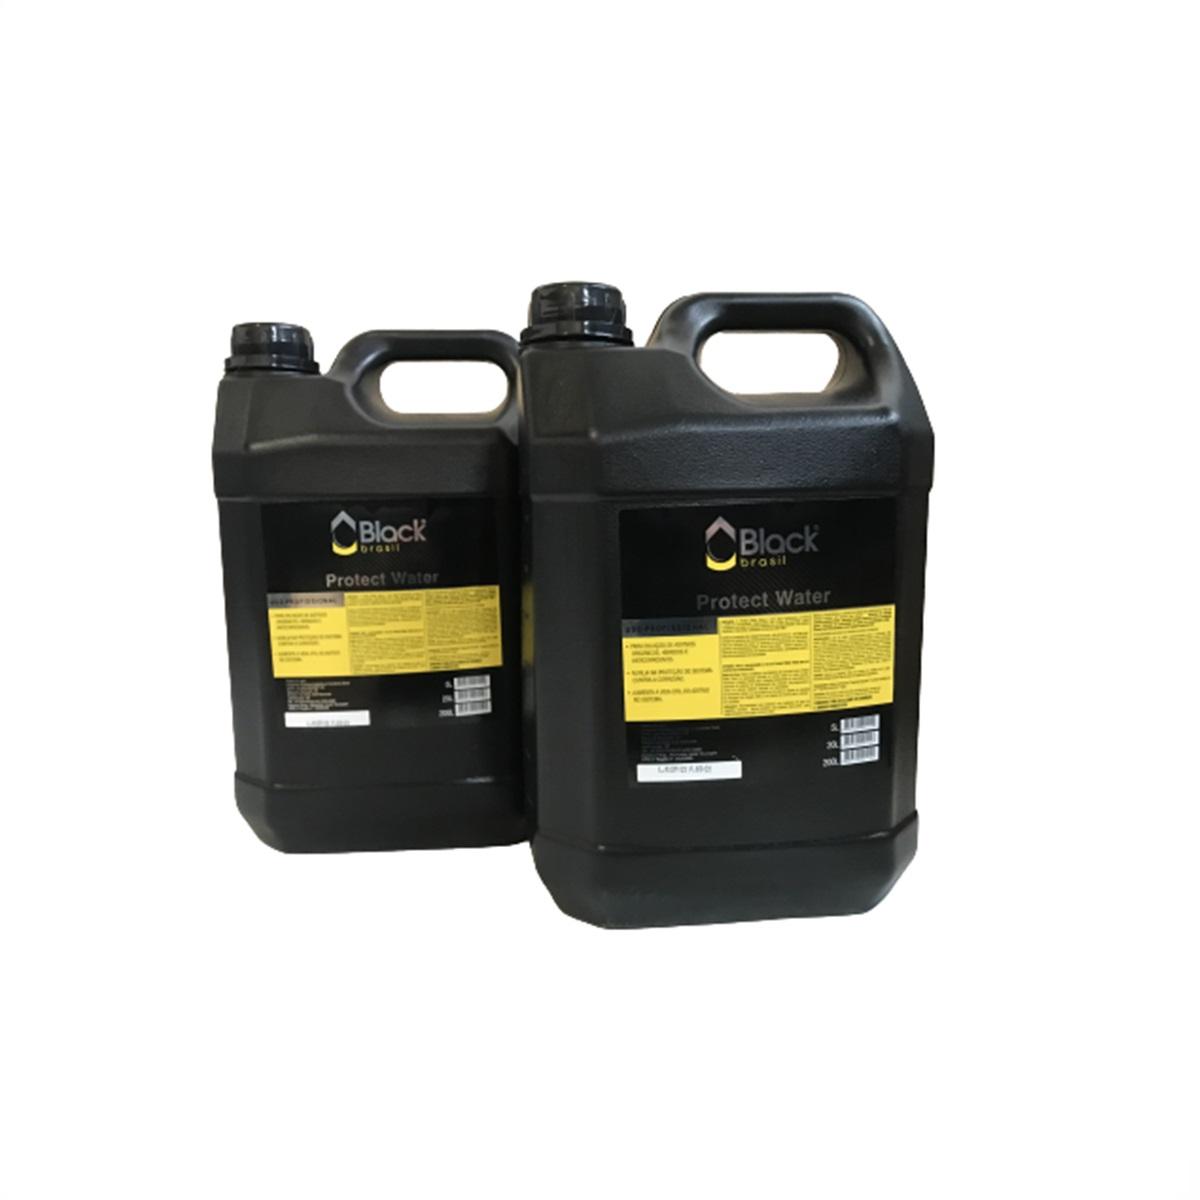 Protect Water Água Desmineralizada Black 5lts Kit Com 2 Unidades